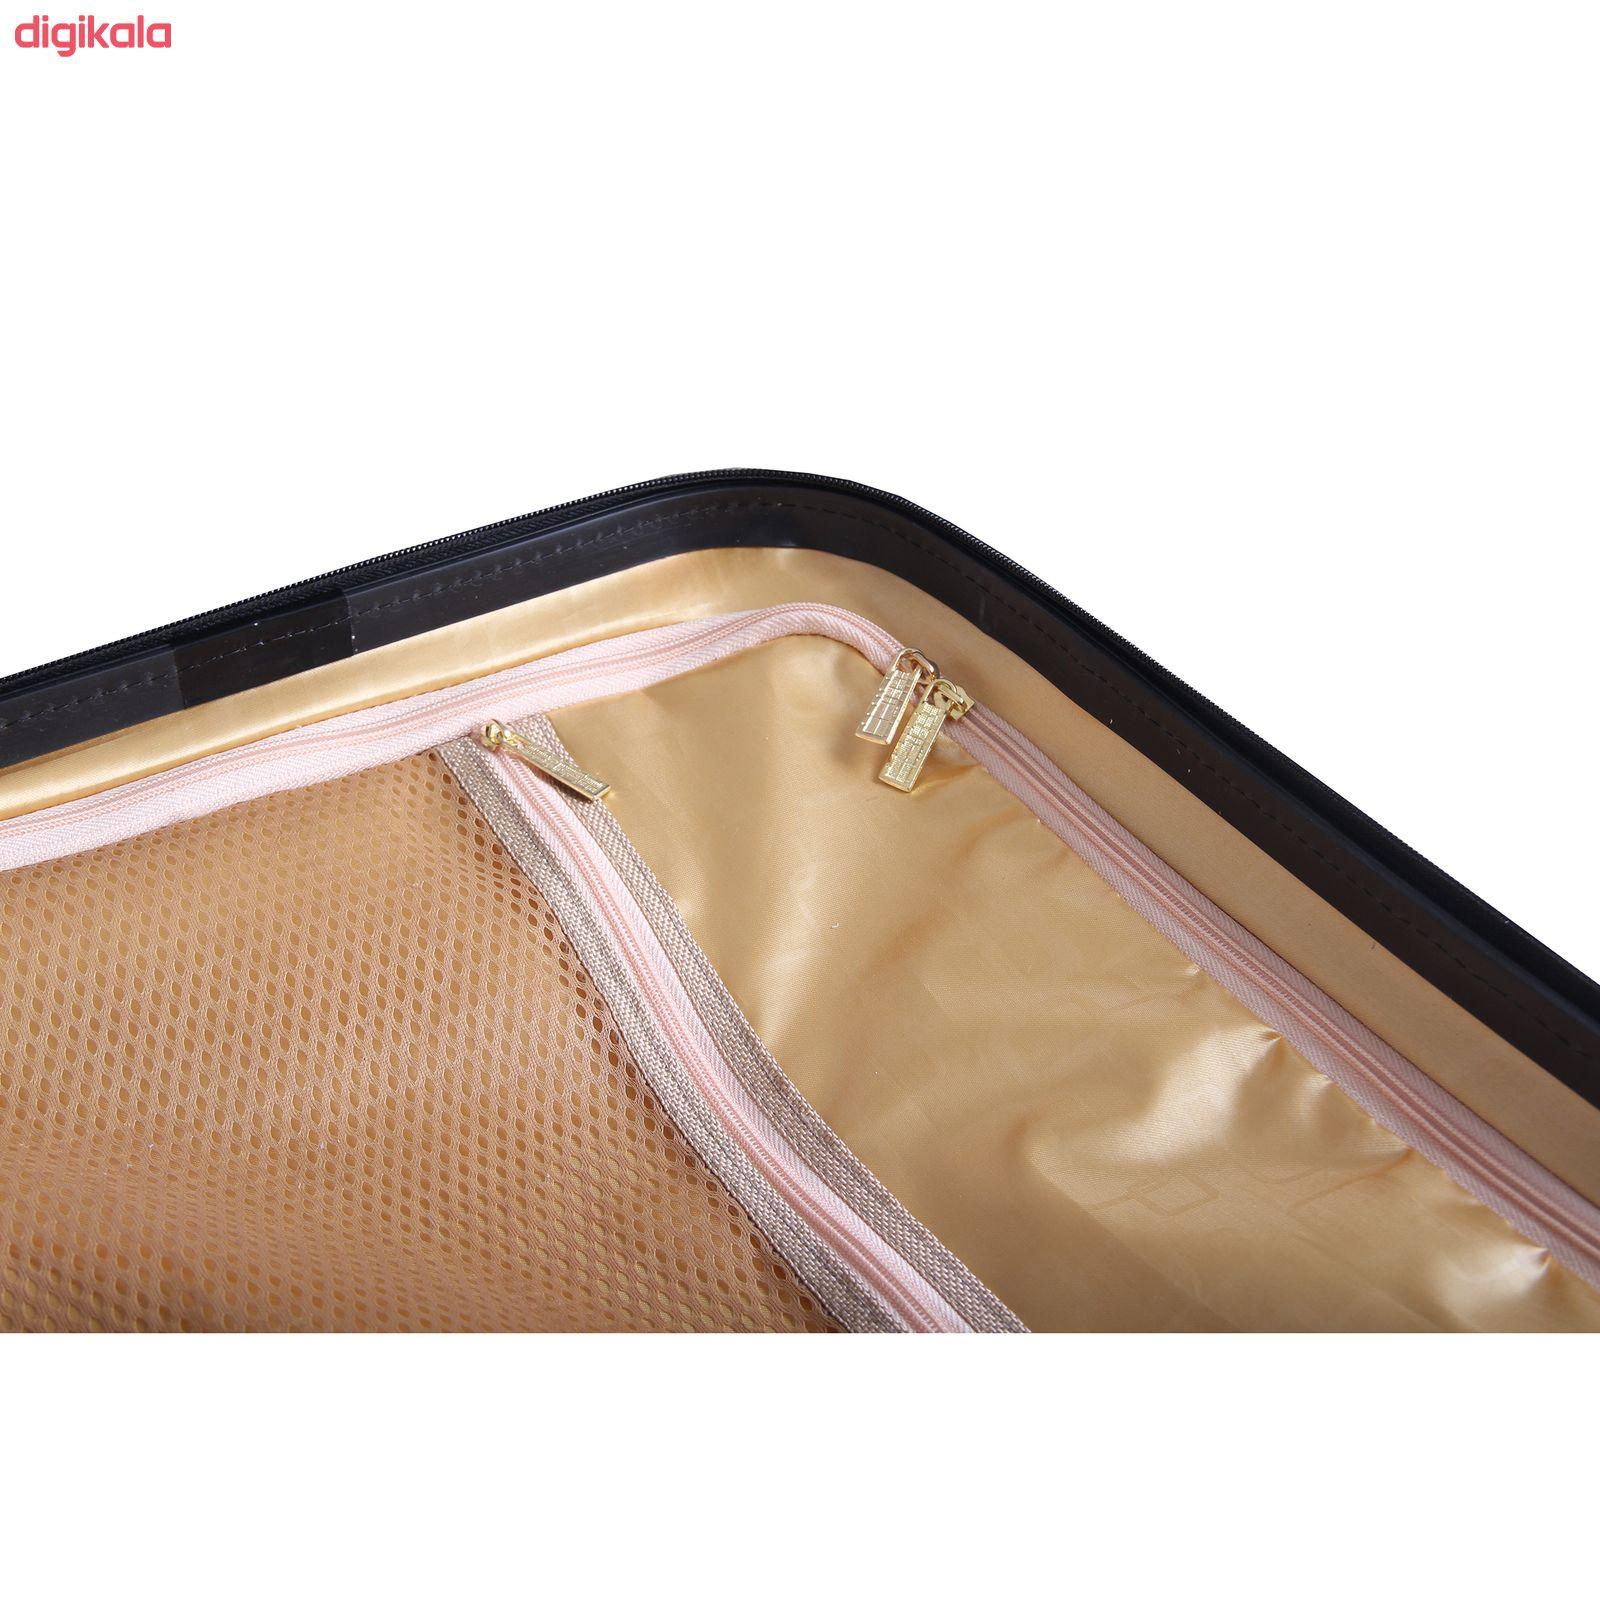 مجموعه چهار عددی چمدان اسپرت من مدل NS001 main 1 35